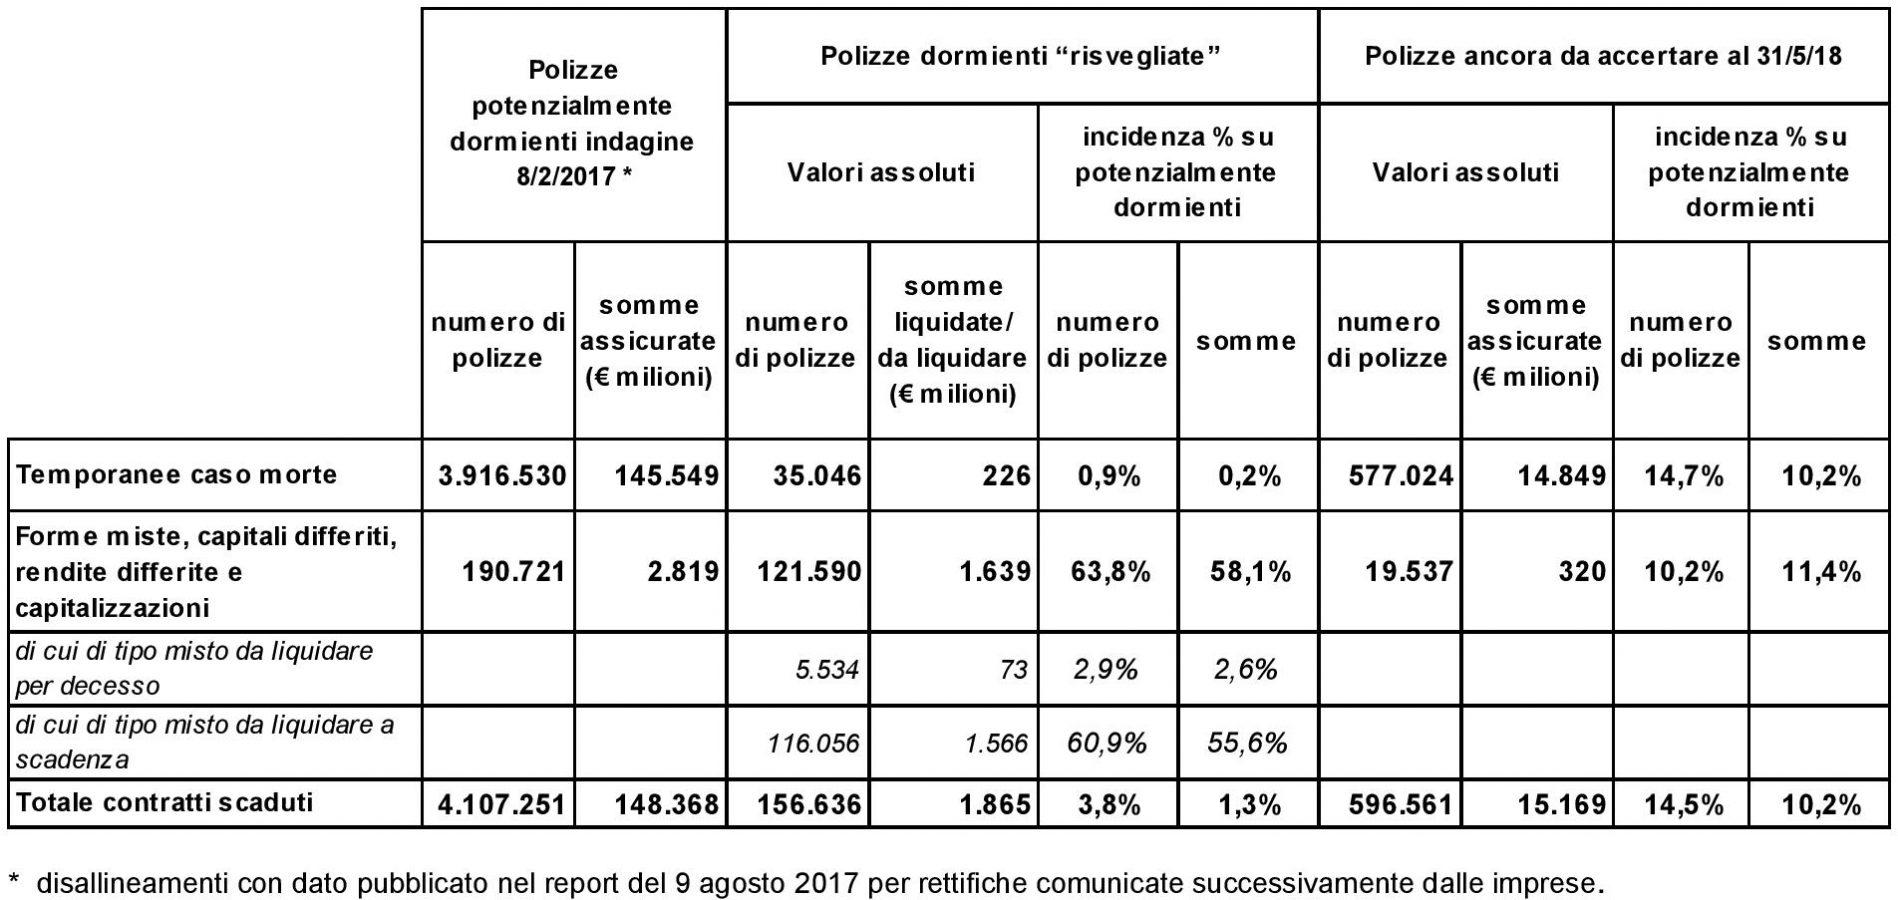 IVASS - Aggiornamento indagine polizze dormienti - 5.2018 Imc